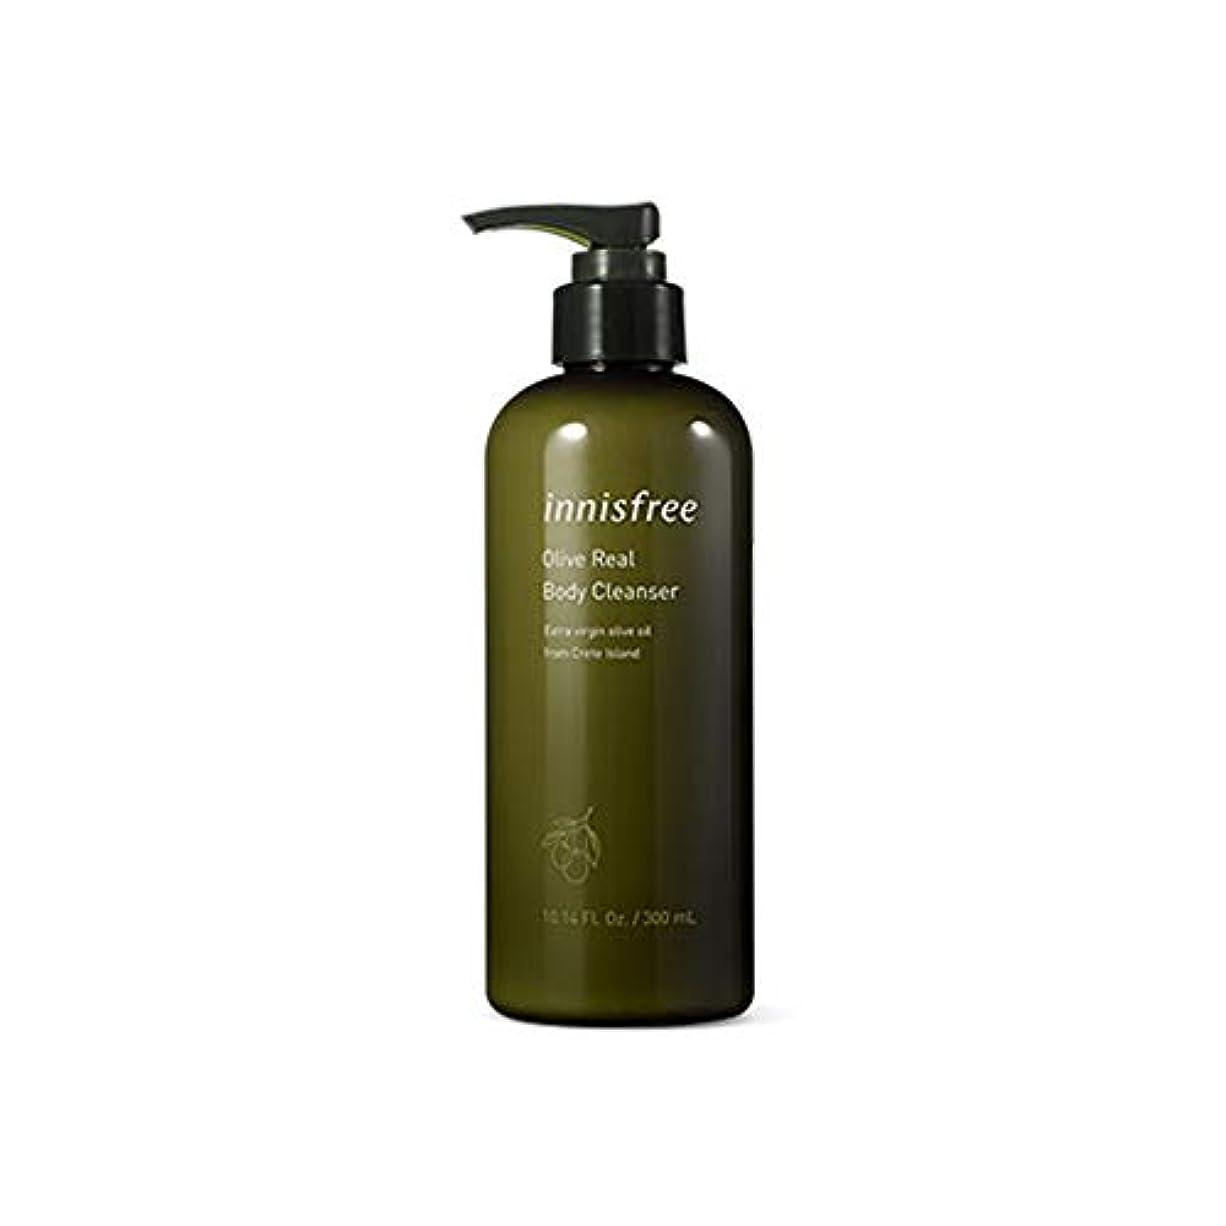 チャペル者セクタイニスフリー Innisfree オリーブリアルボディークレンザー(300ml) Innisfree Olive Real Body Cleanser(300ml) [海外直送品]